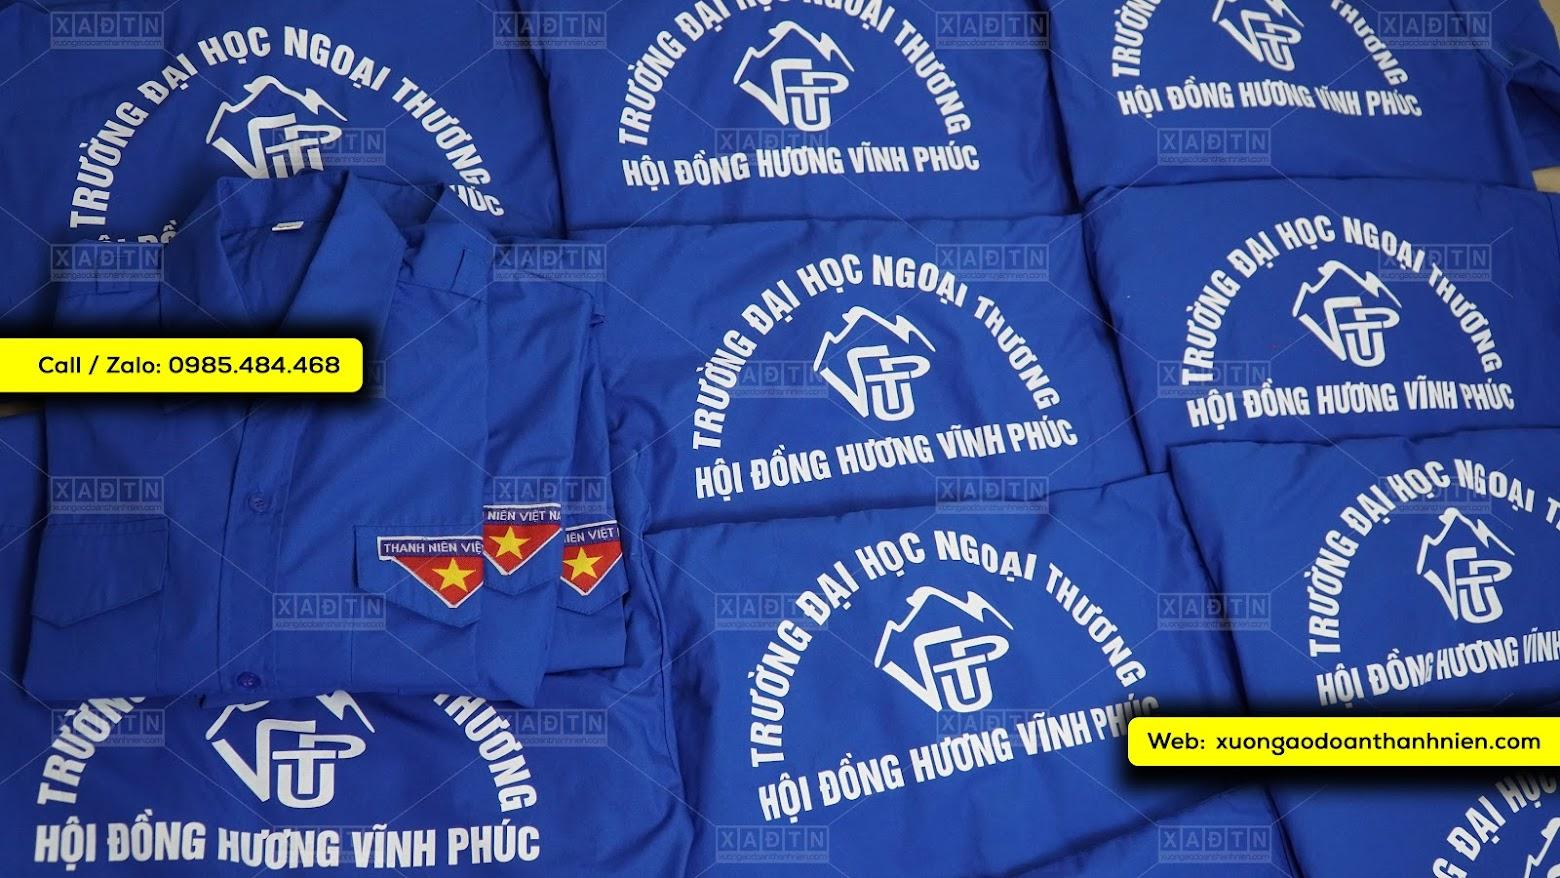 Hội Đồng Hương Vĩnh Phúc